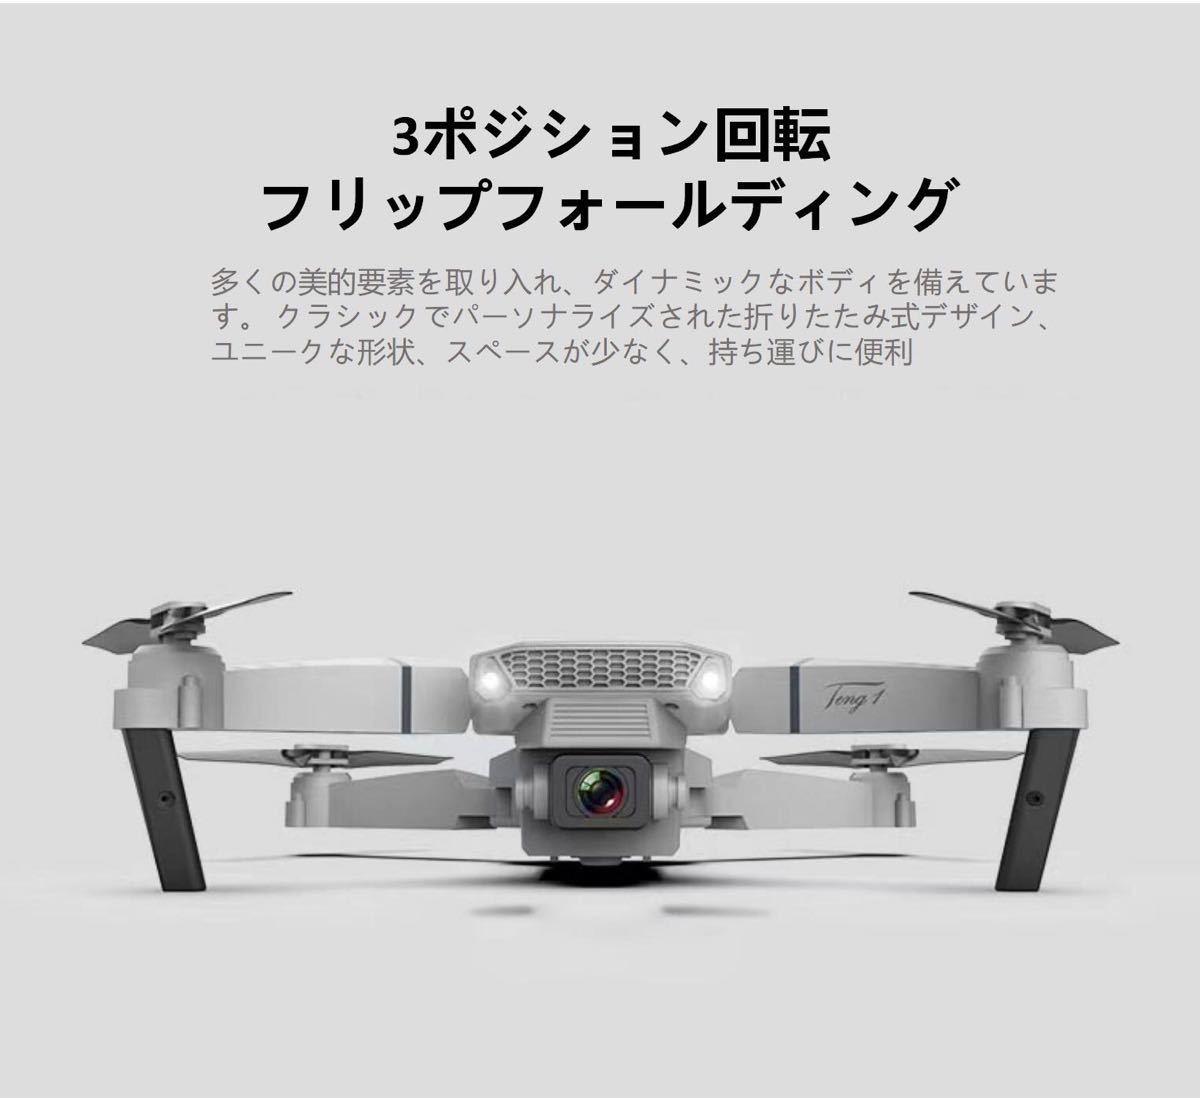 ドローン4Kカメラ付き 小型 初心者向け 折り畳み 収納ケース付き